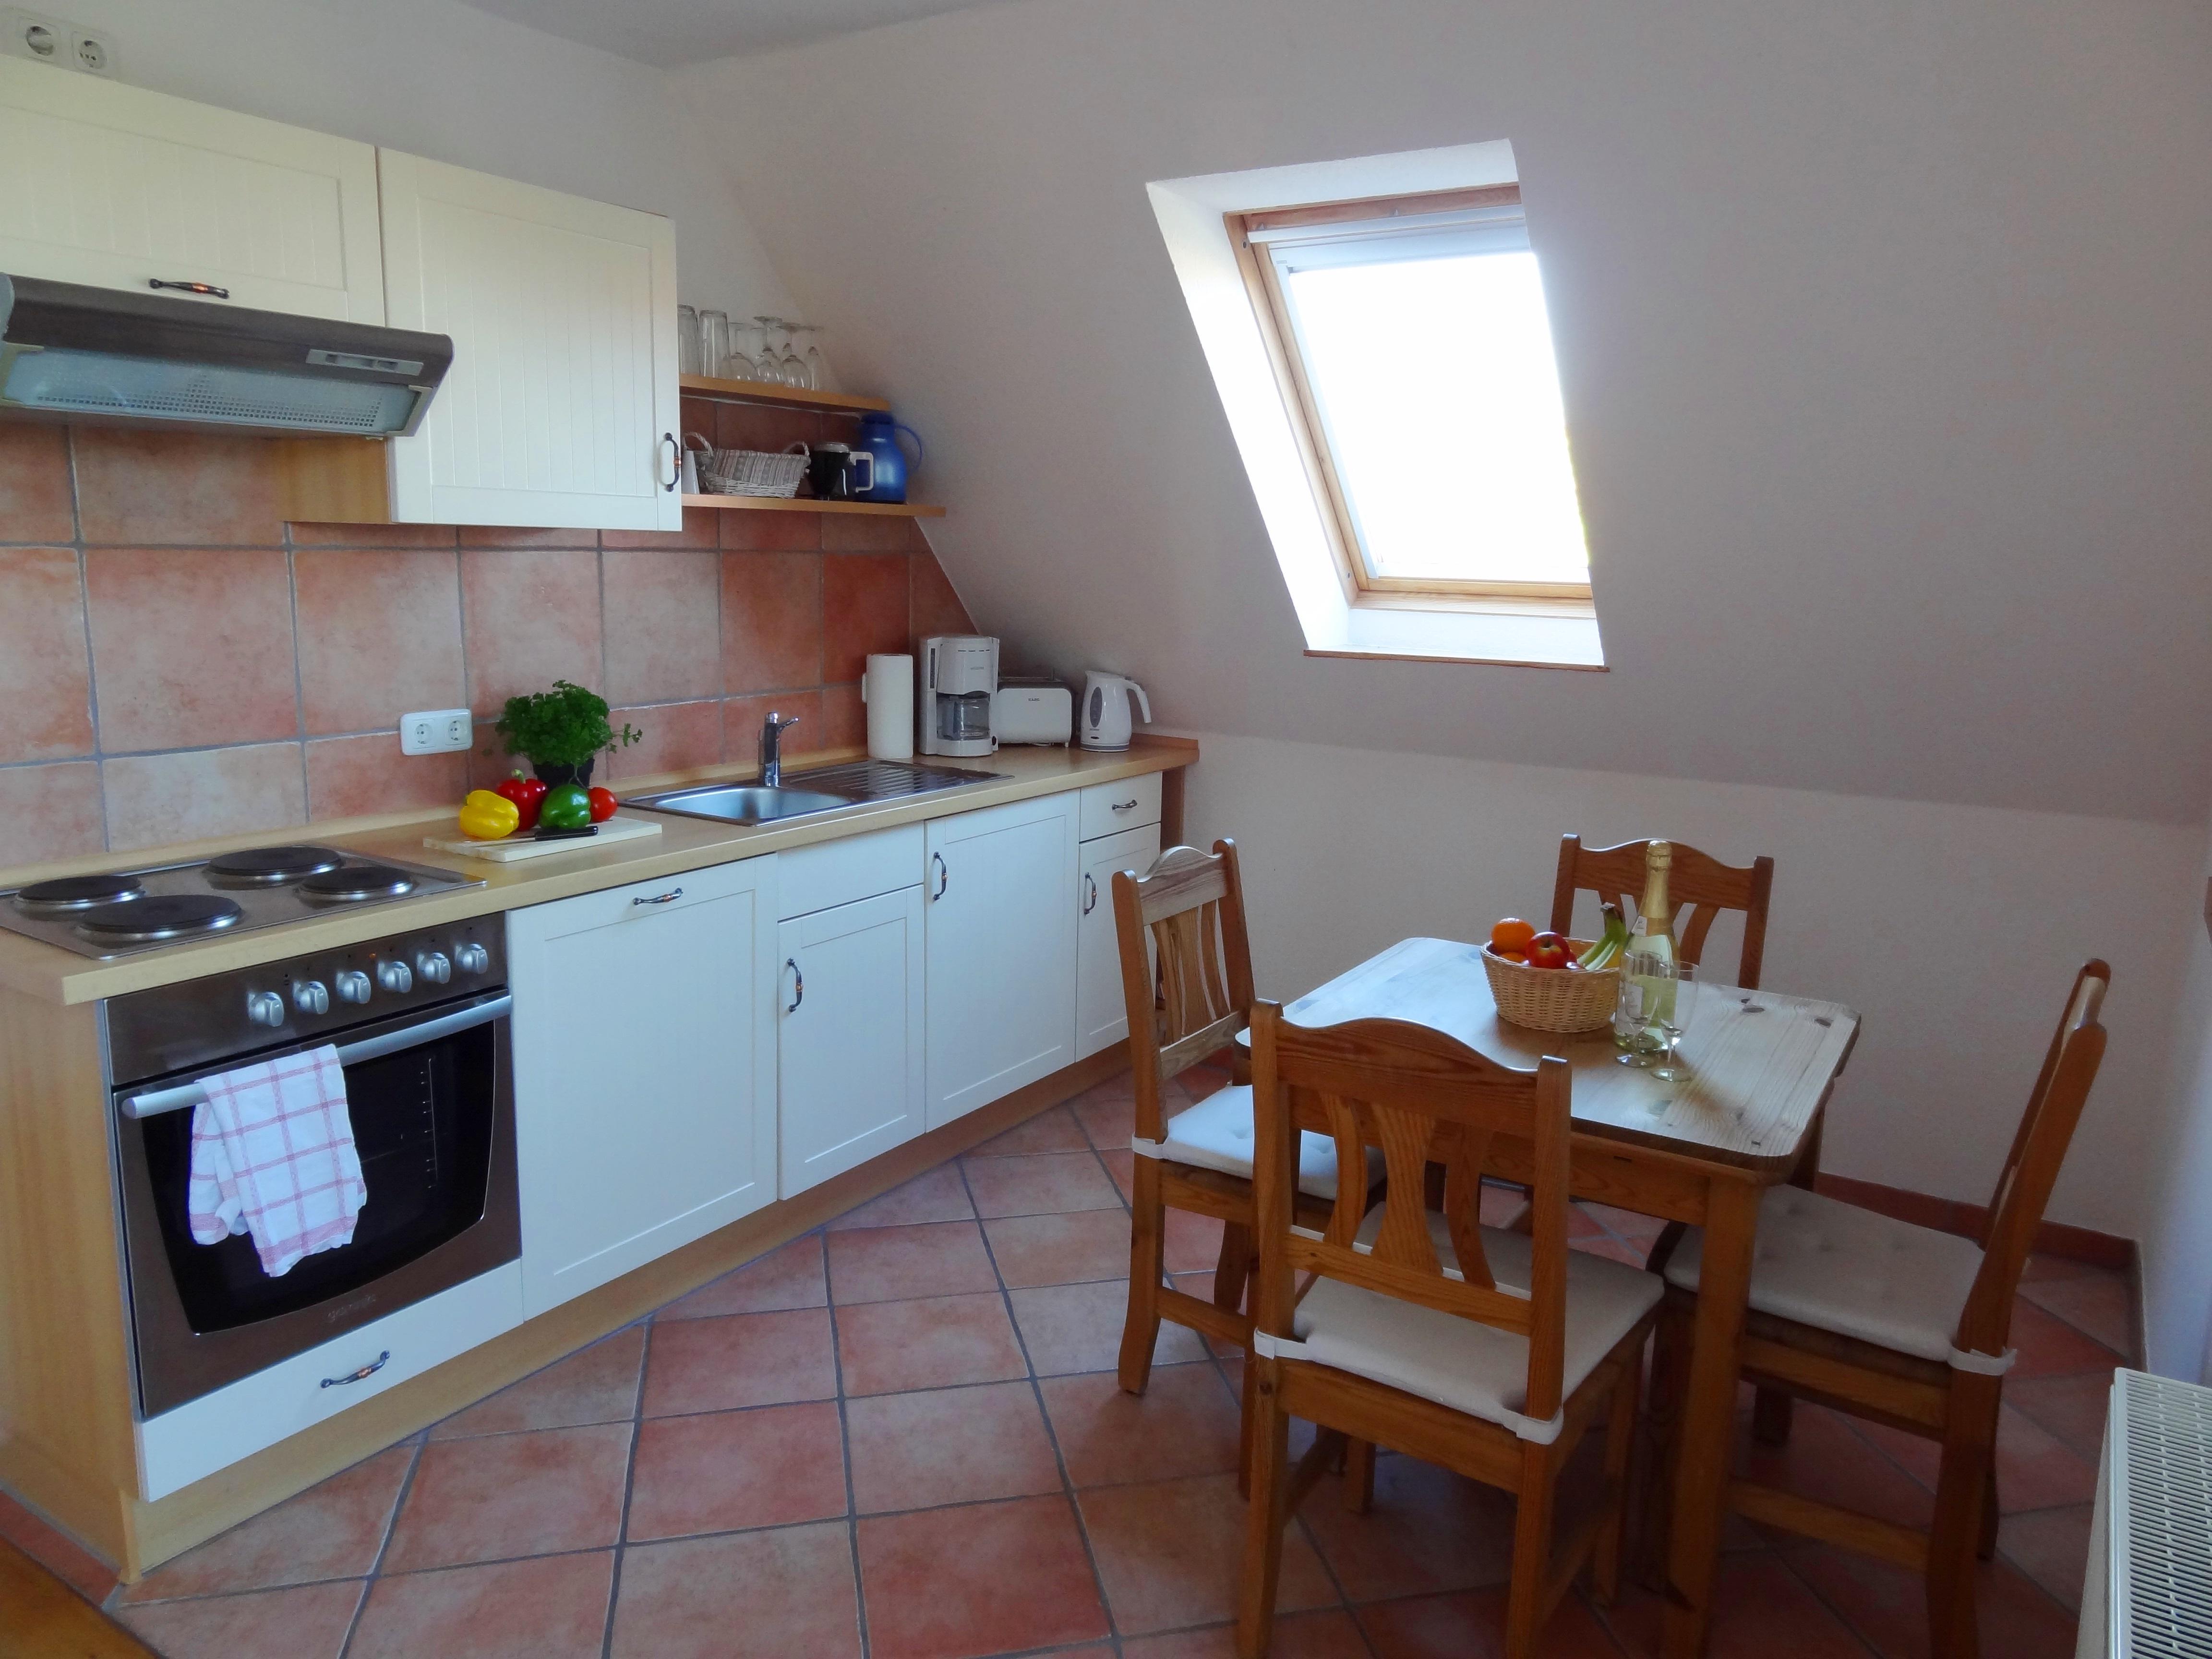 Küche mit Essbereich der Ferienwohnung Fehmarn von Ferienwohnungen Hass auf Fehmarn